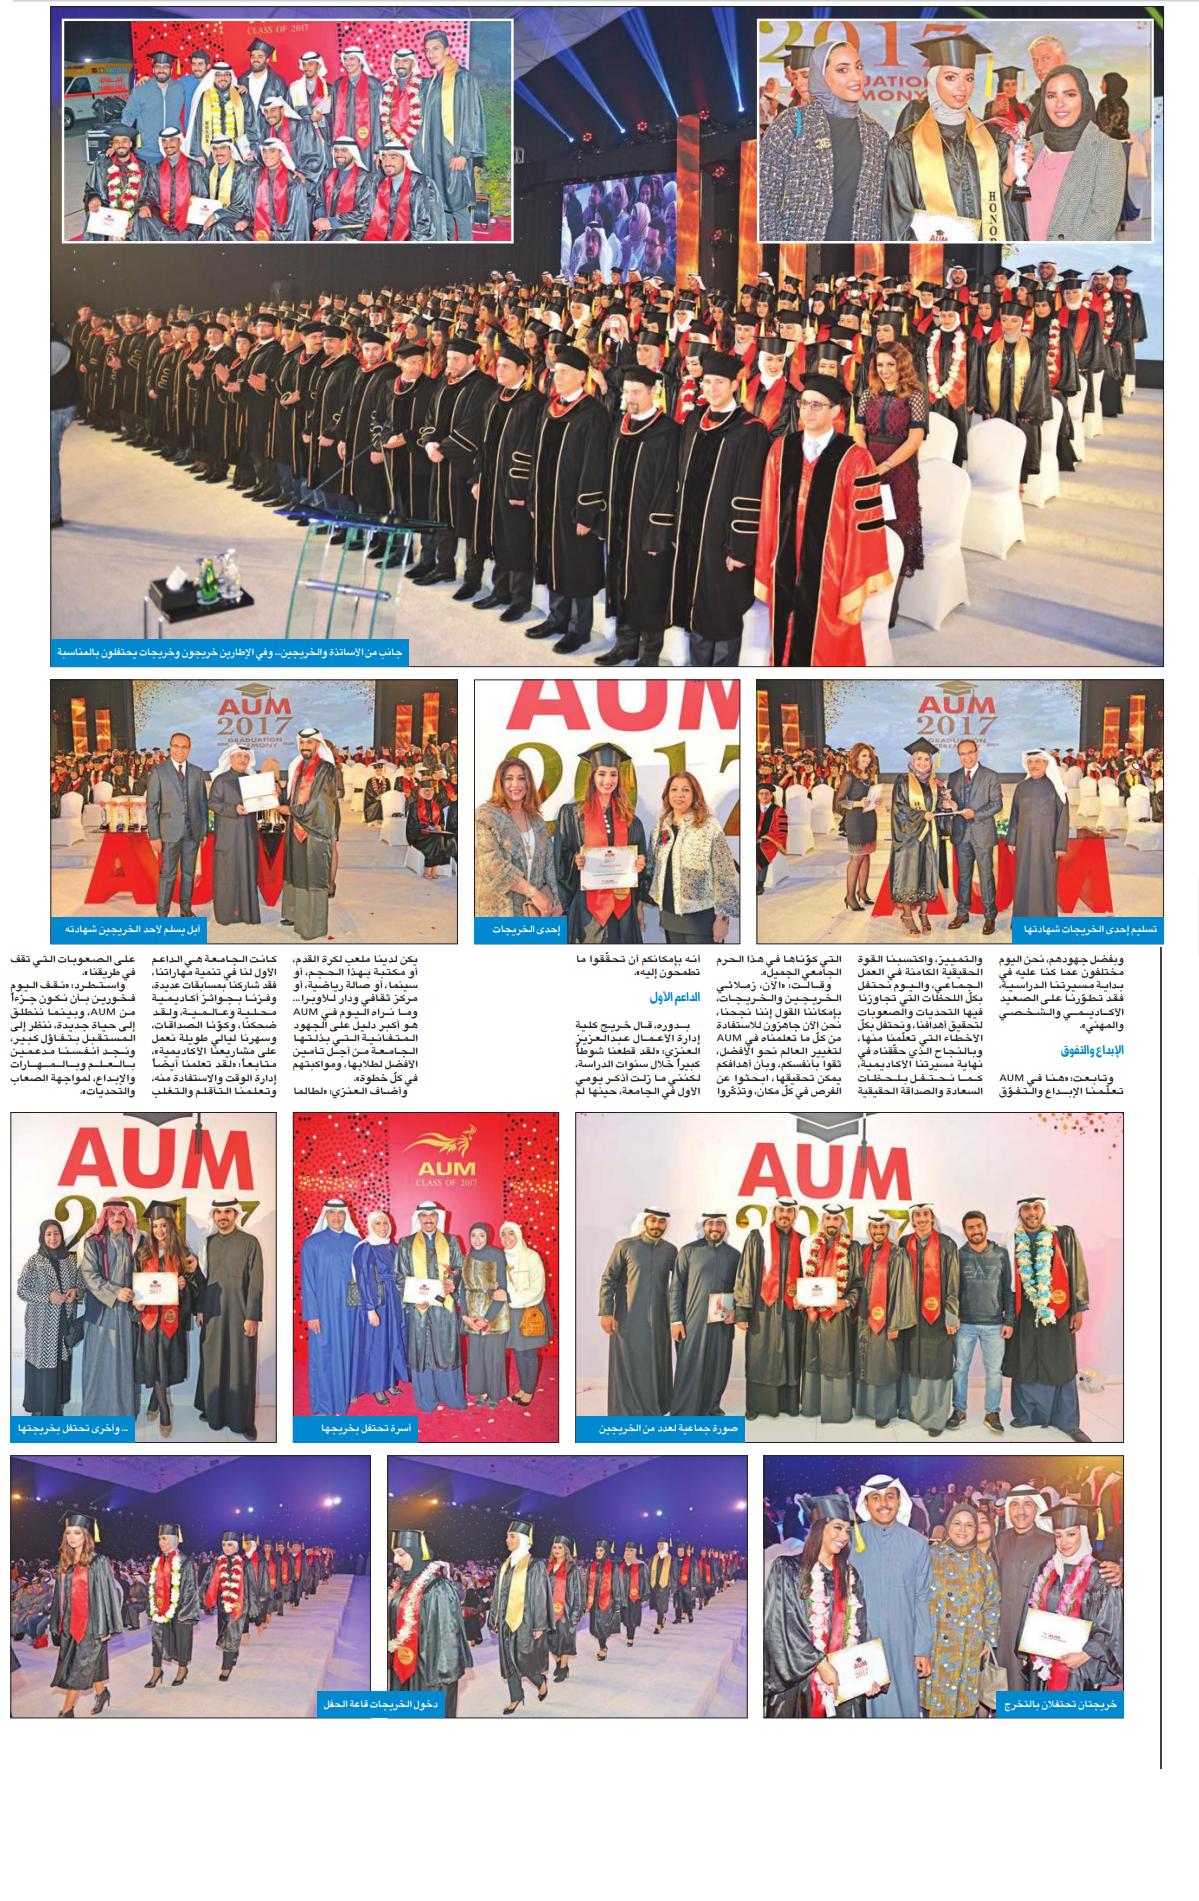 جامعة الشرق الأوسط الأميركية تحتفل بتخريج 814 طالبا وطالبة Student Success American Universities Private University